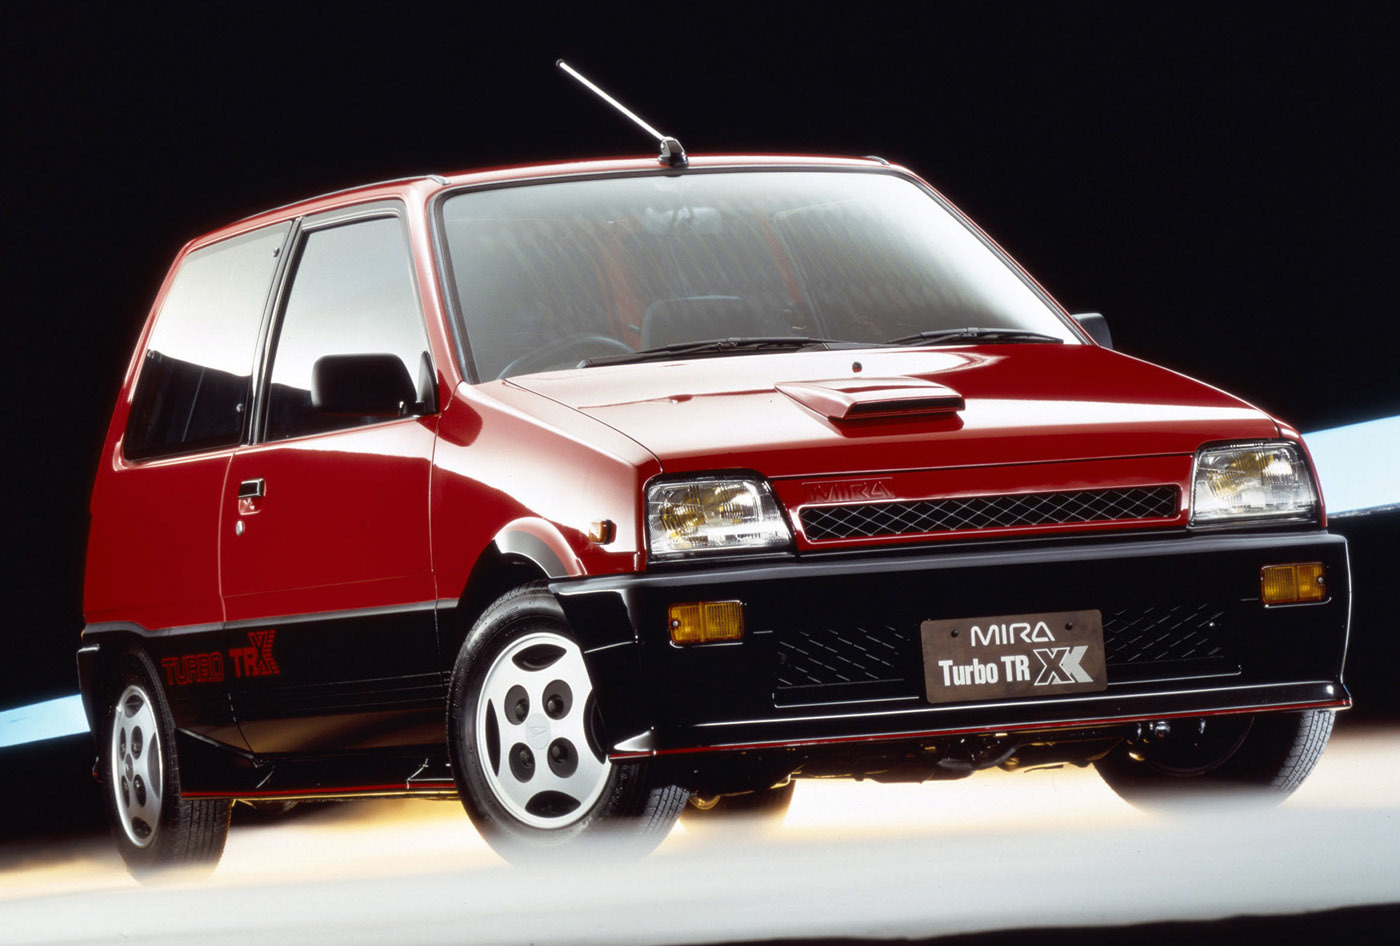 2代目ミラターボ TR-XX(1985年)